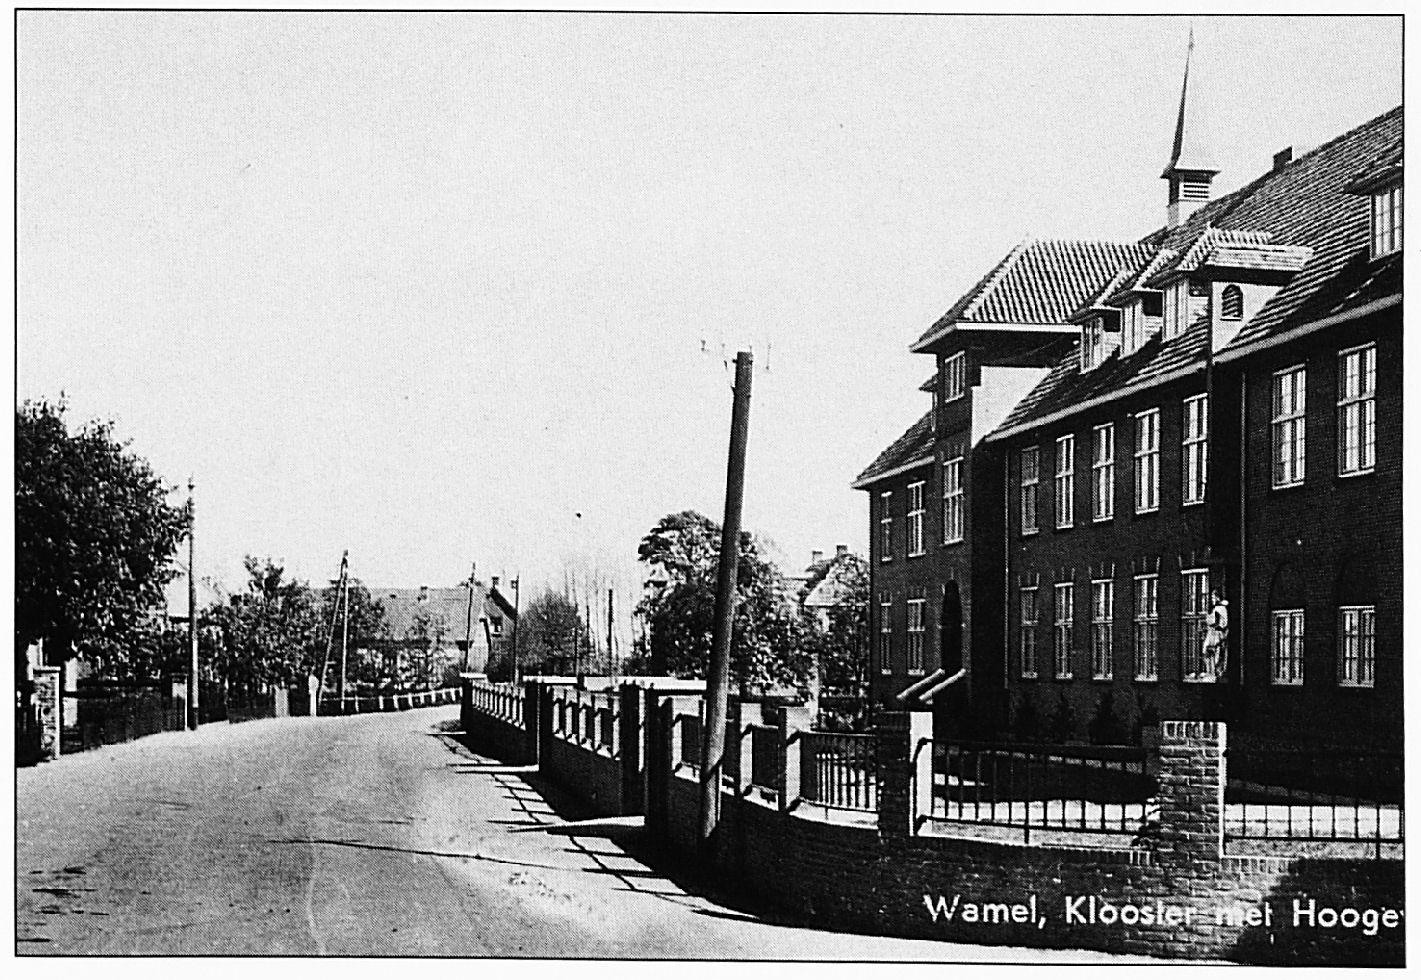 Huize Henricus. Dit deel van de huidige Dorpsstraat heette destijds nog Hogeweg. De naamsverandering werd begin jaren zeventig doorgevoerd bij de rioleringswerkzaamheden.